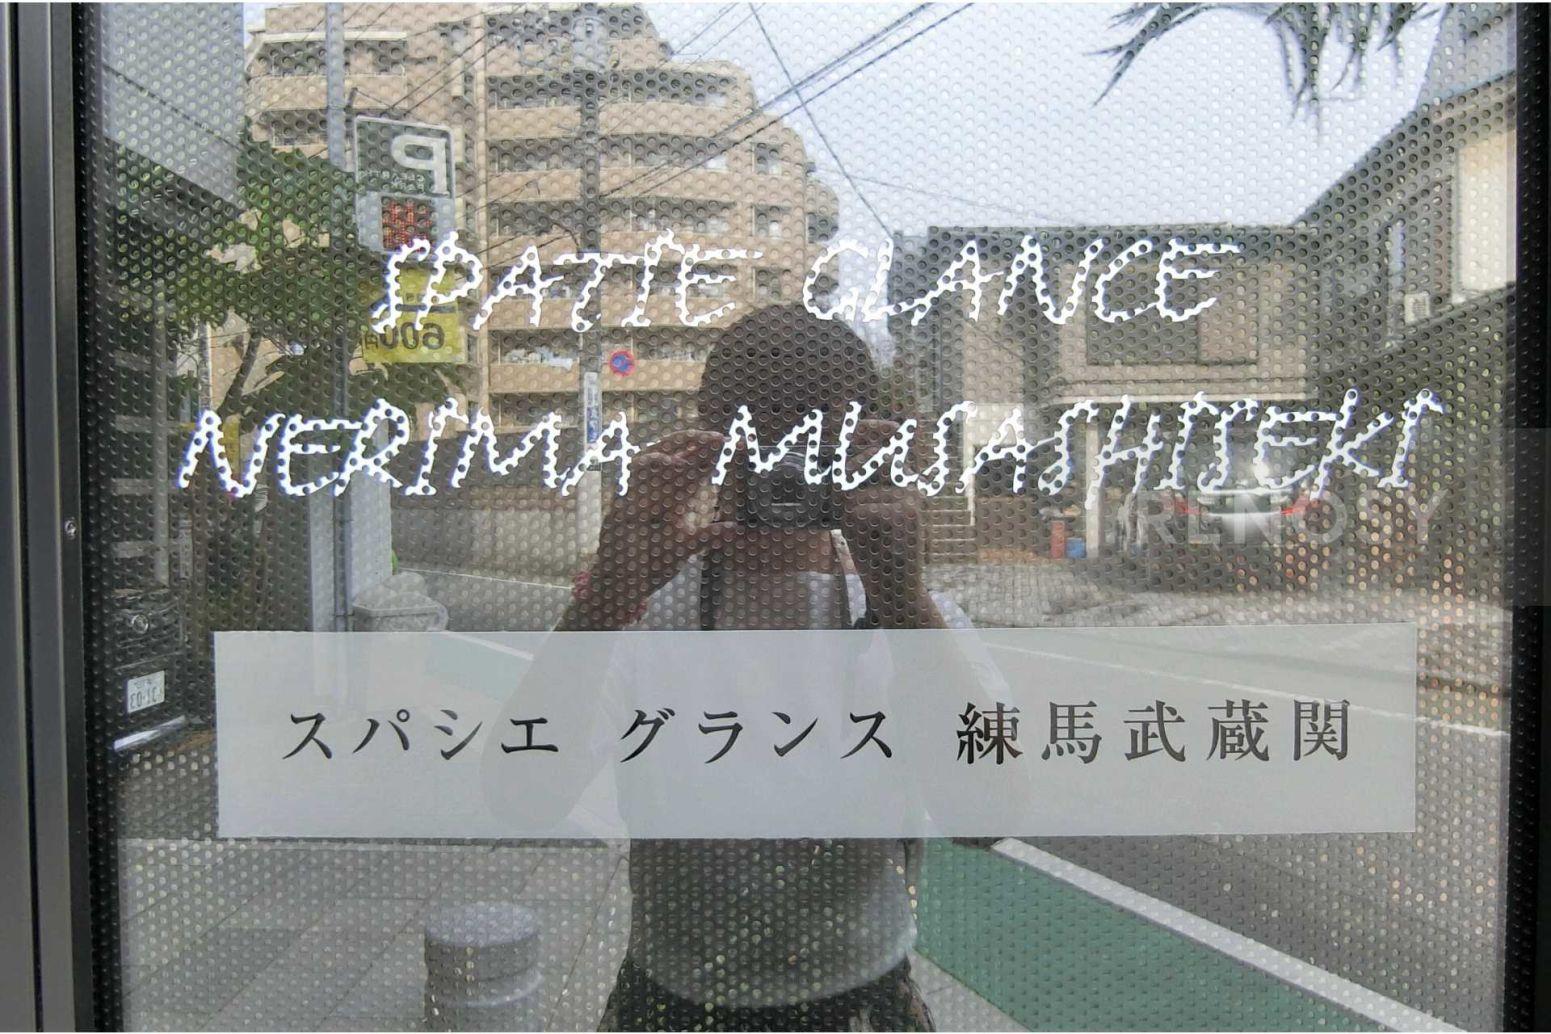 スパシエグランス練馬武蔵関